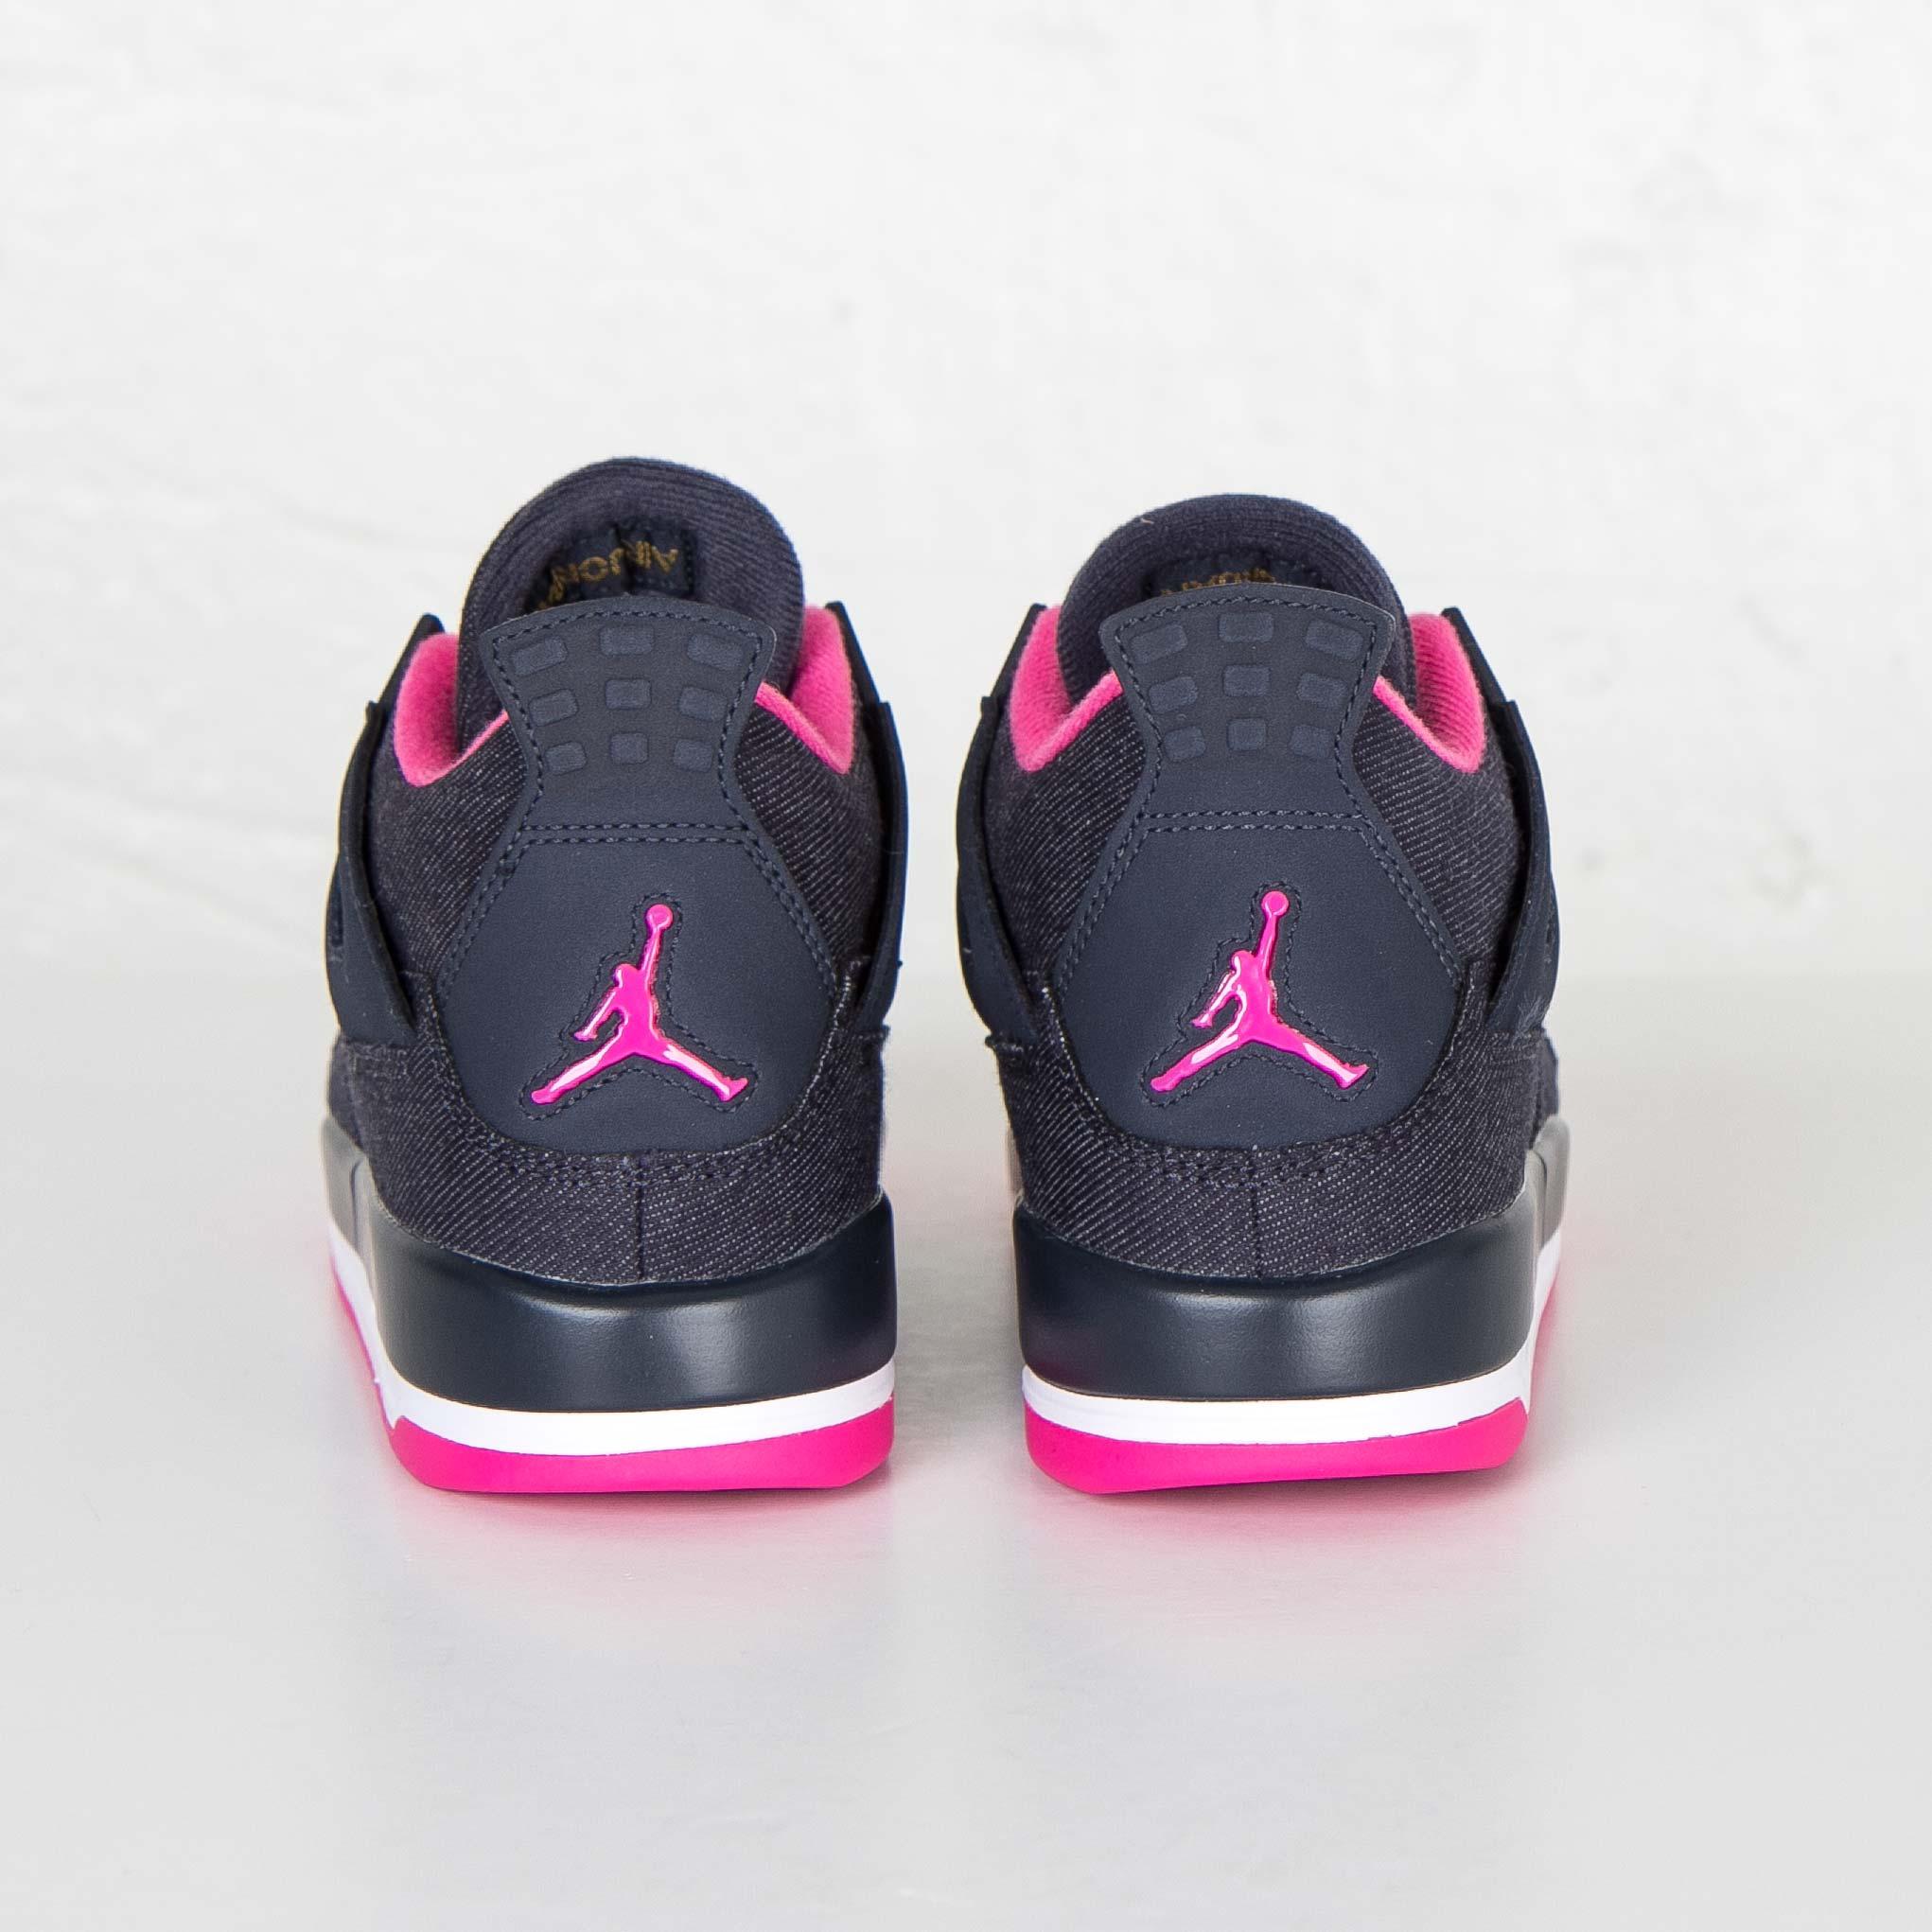 e00bd06170a Jordan Brand Air Jordan 4 Retro (GS) - 487724-408 - Sneakersnstuff |  sneakers & streetwear online since 1999